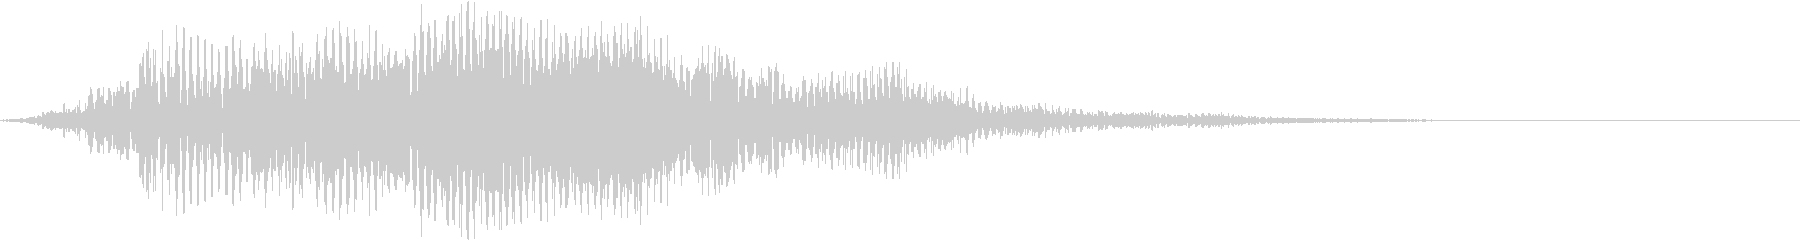 不気味な怪物の鳴き声dの未再生の波形